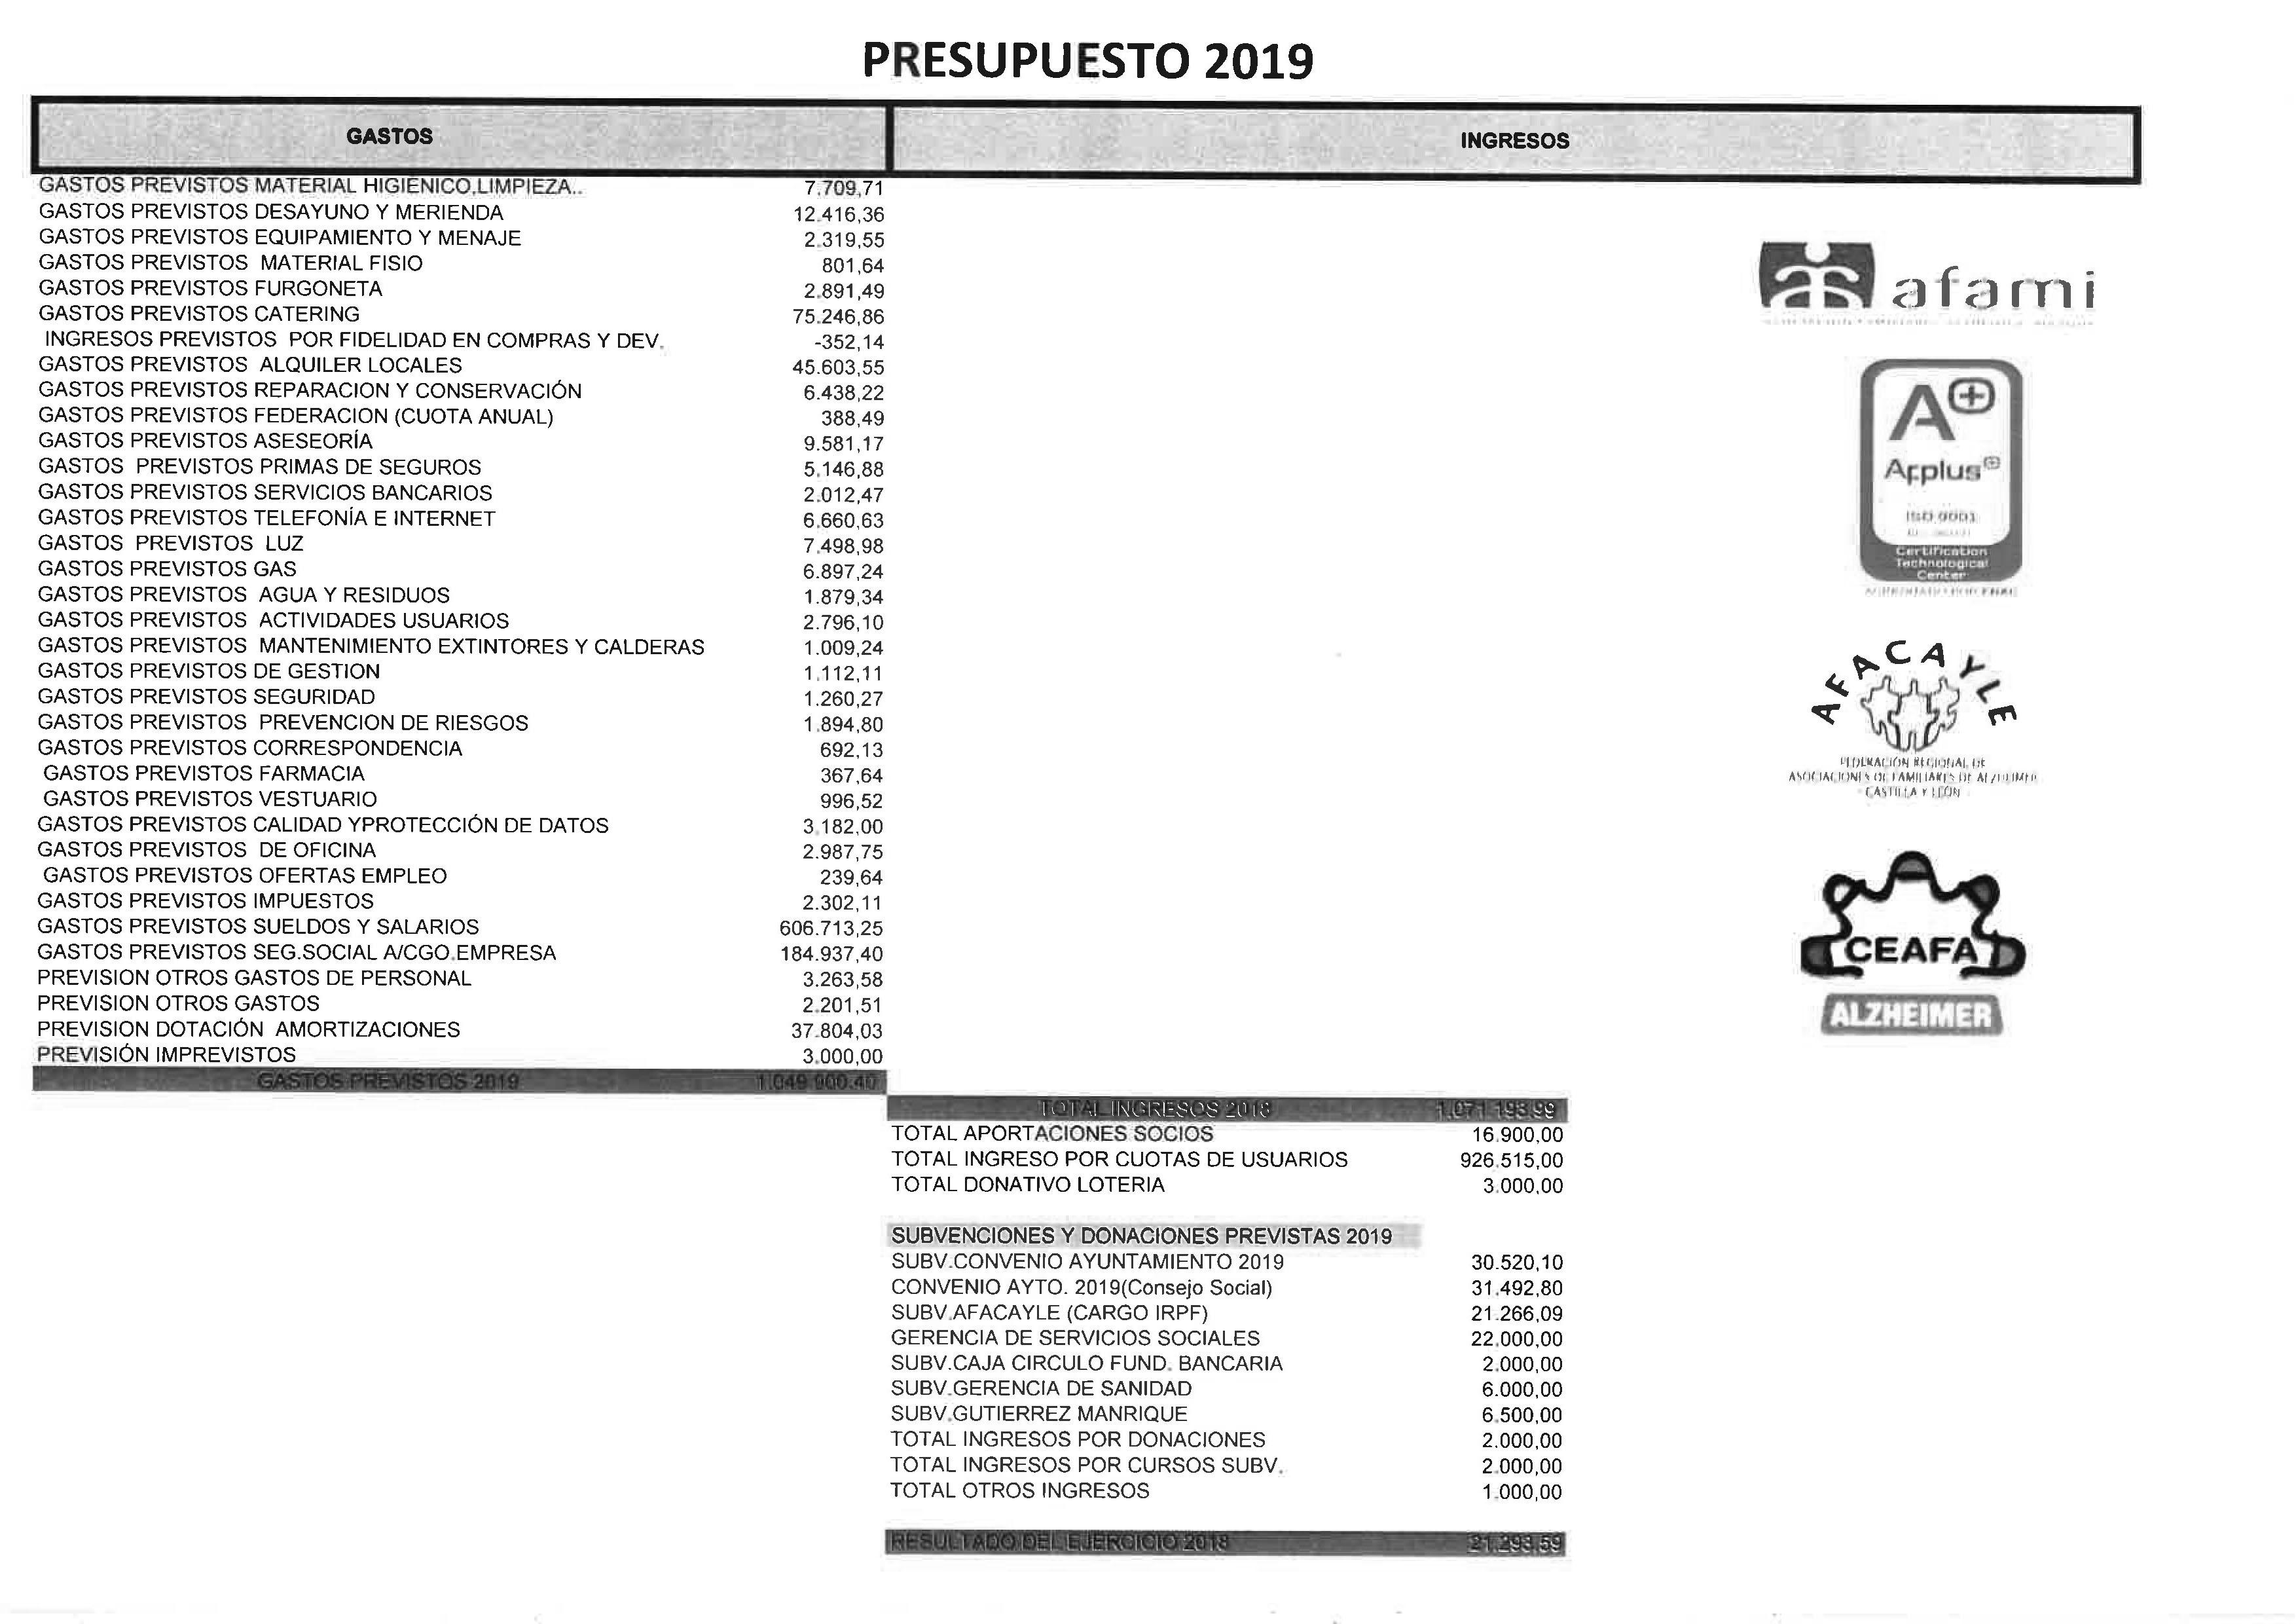 5. Presupuesto estimado 2019